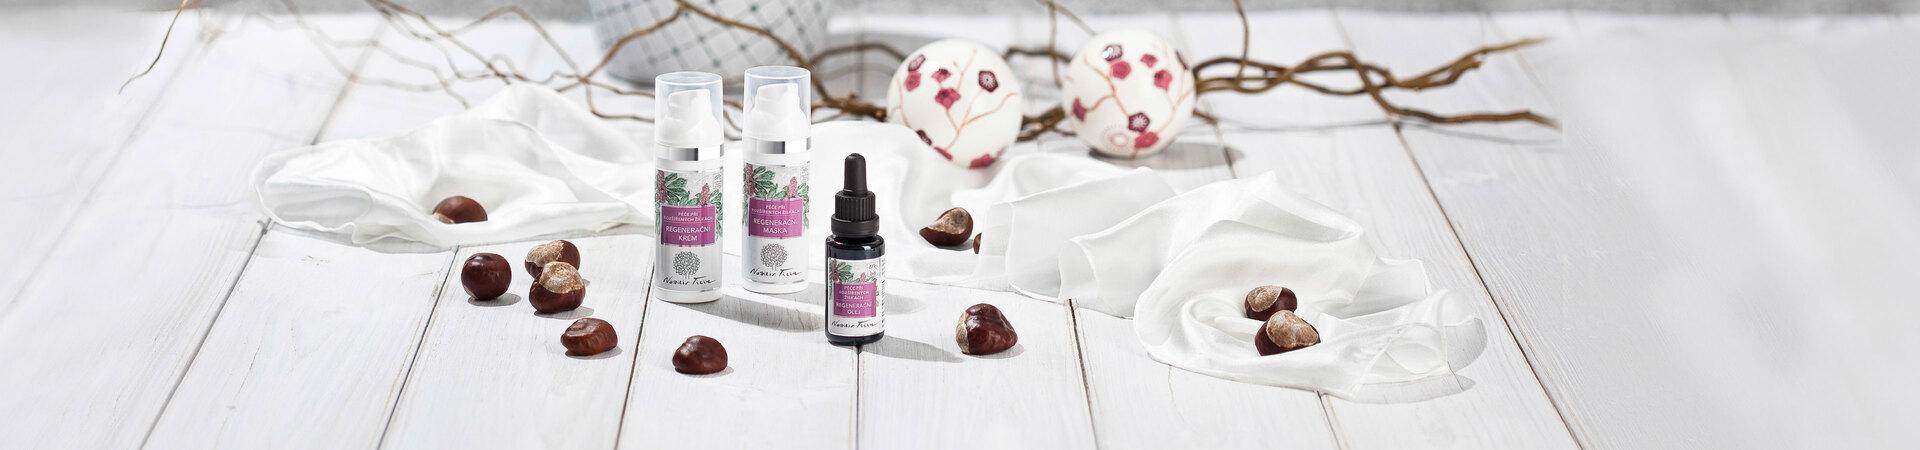 produkty pro péči o rozšířené žilky - přírodní kosmetika Nobilis Tilia